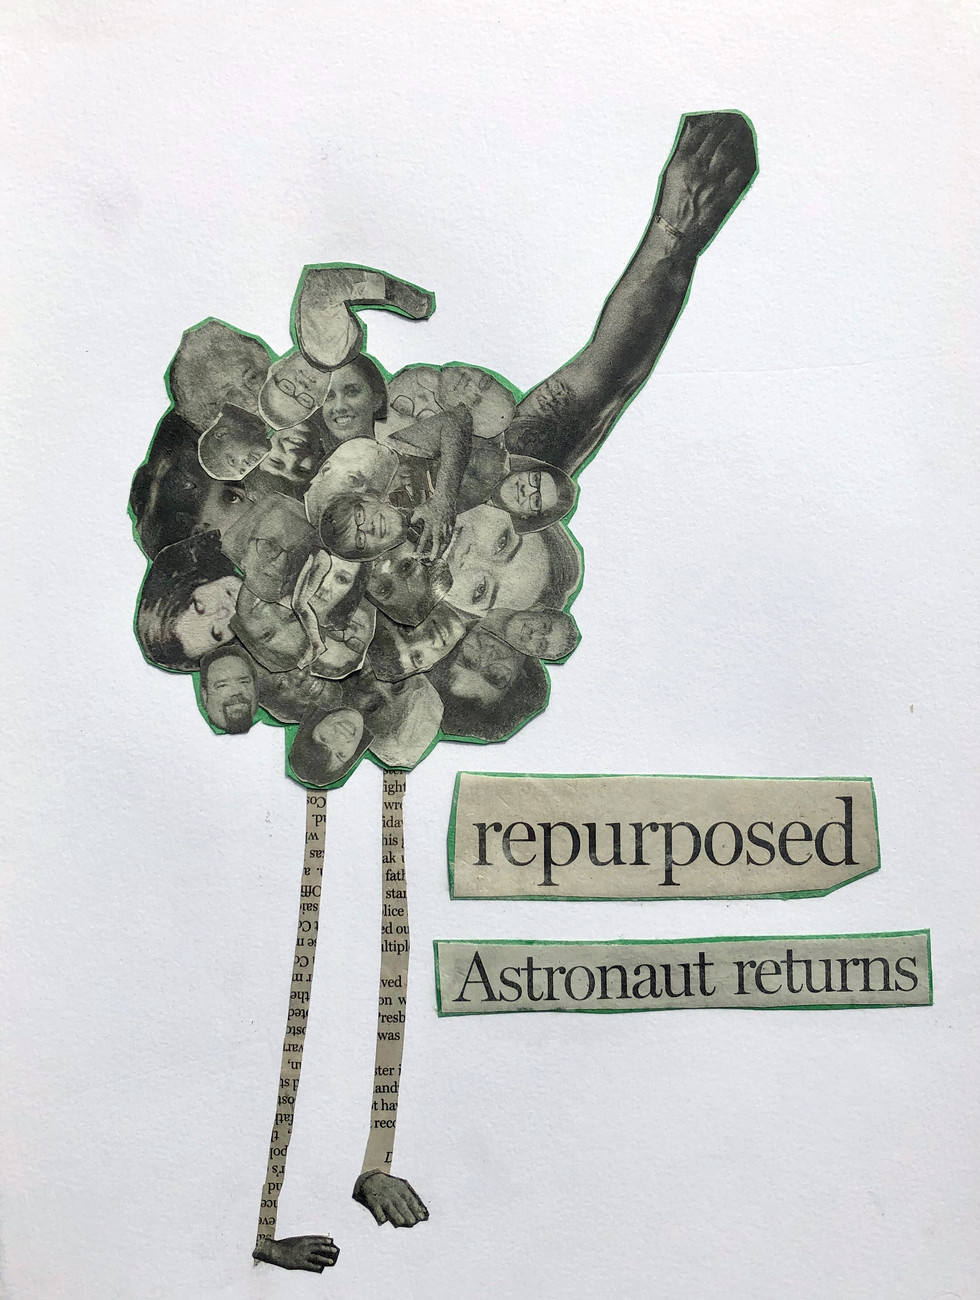 repurposed Astronaut returns